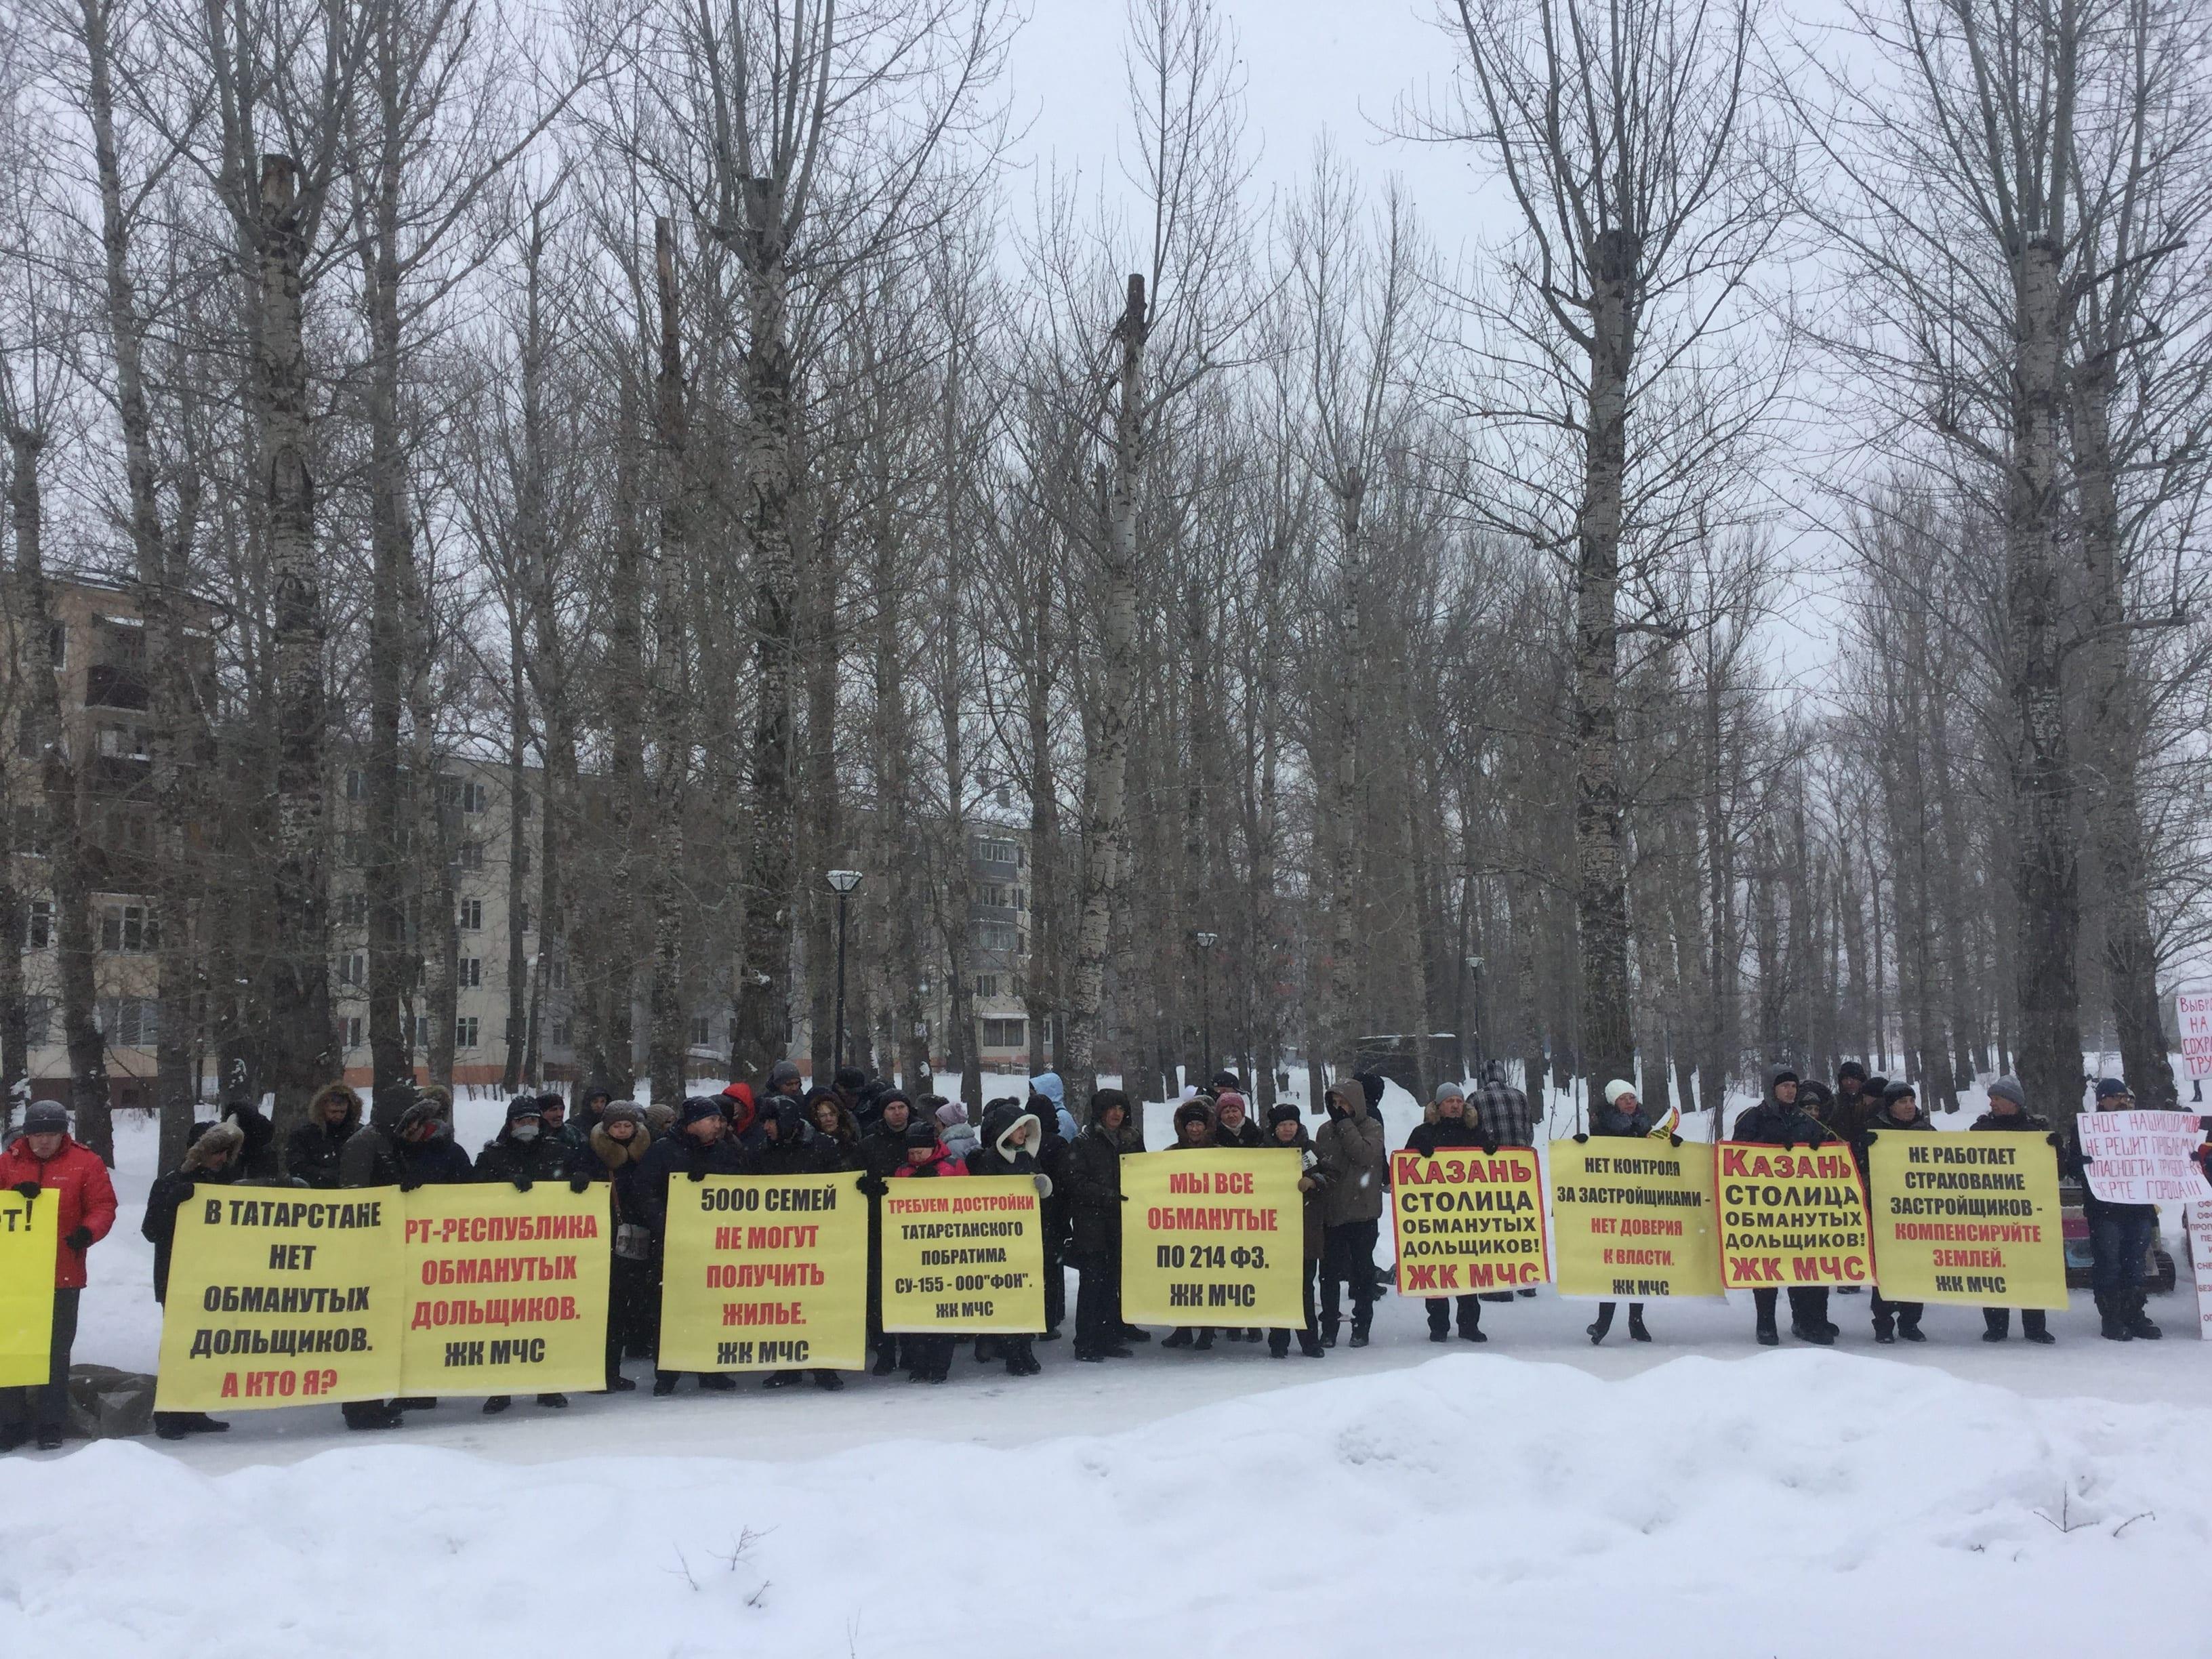 Банковский кризис не вызвал протестных настроений в Татарстане